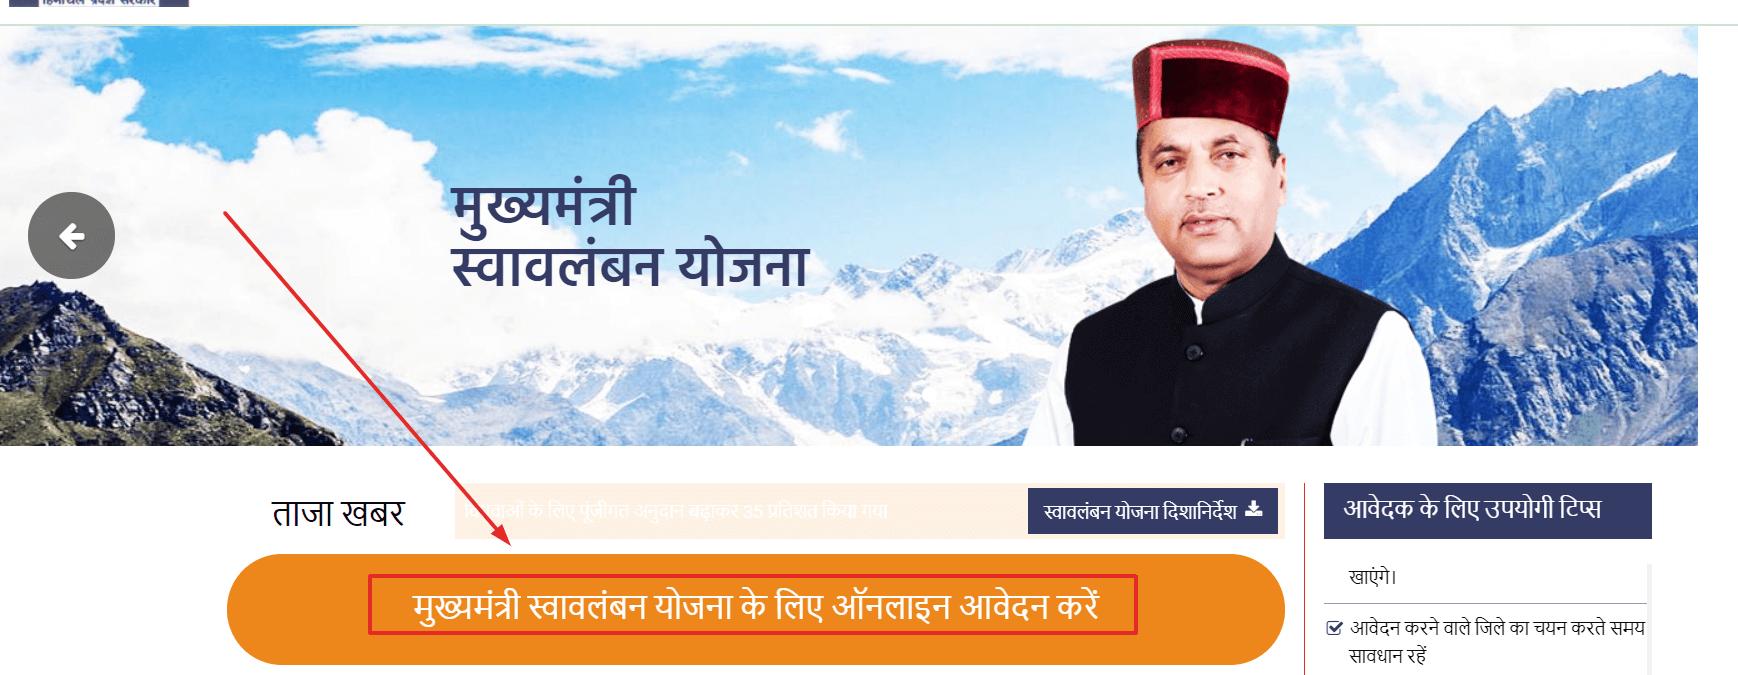 हिमाचल-प्रदेश-मुख्यमंत्री-स्वावलंबन-योजना